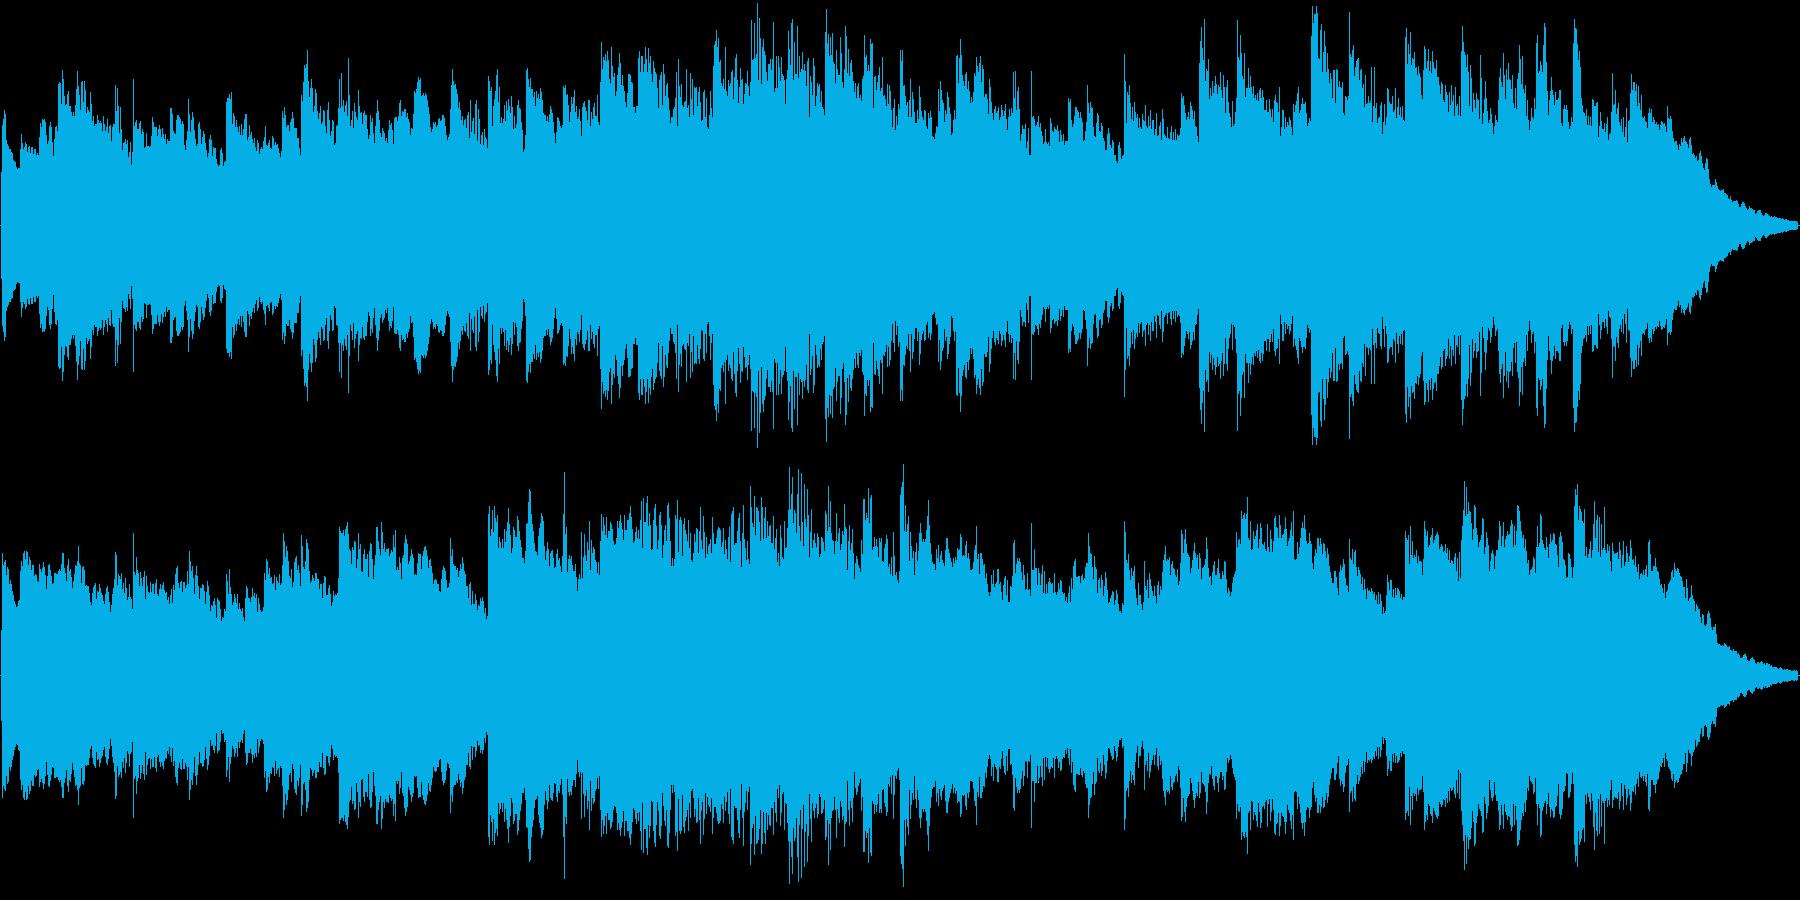 オルゴール曲で、着信音やオルゴールの曲…の再生済みの波形